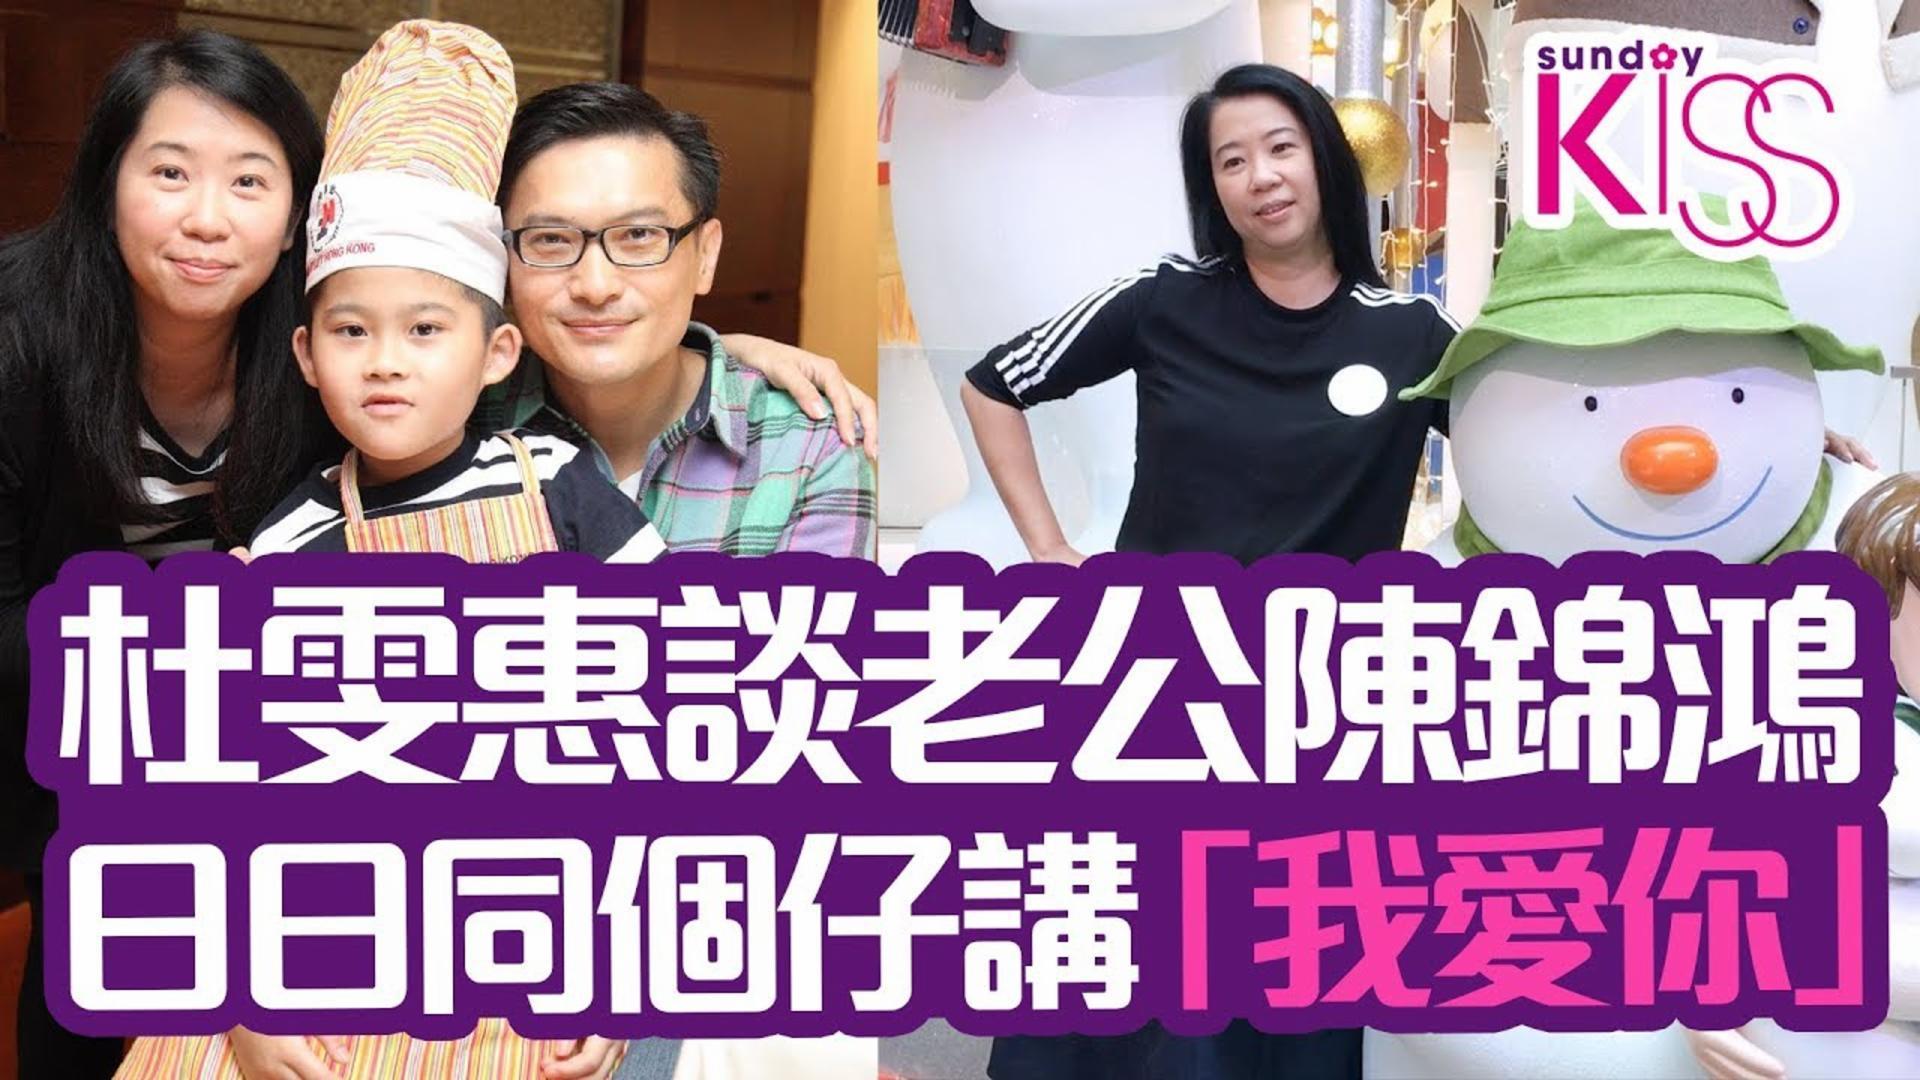 杜雯惠談老公陳錦鴻 日日同個仔講「我愛你」【Sunday Family】